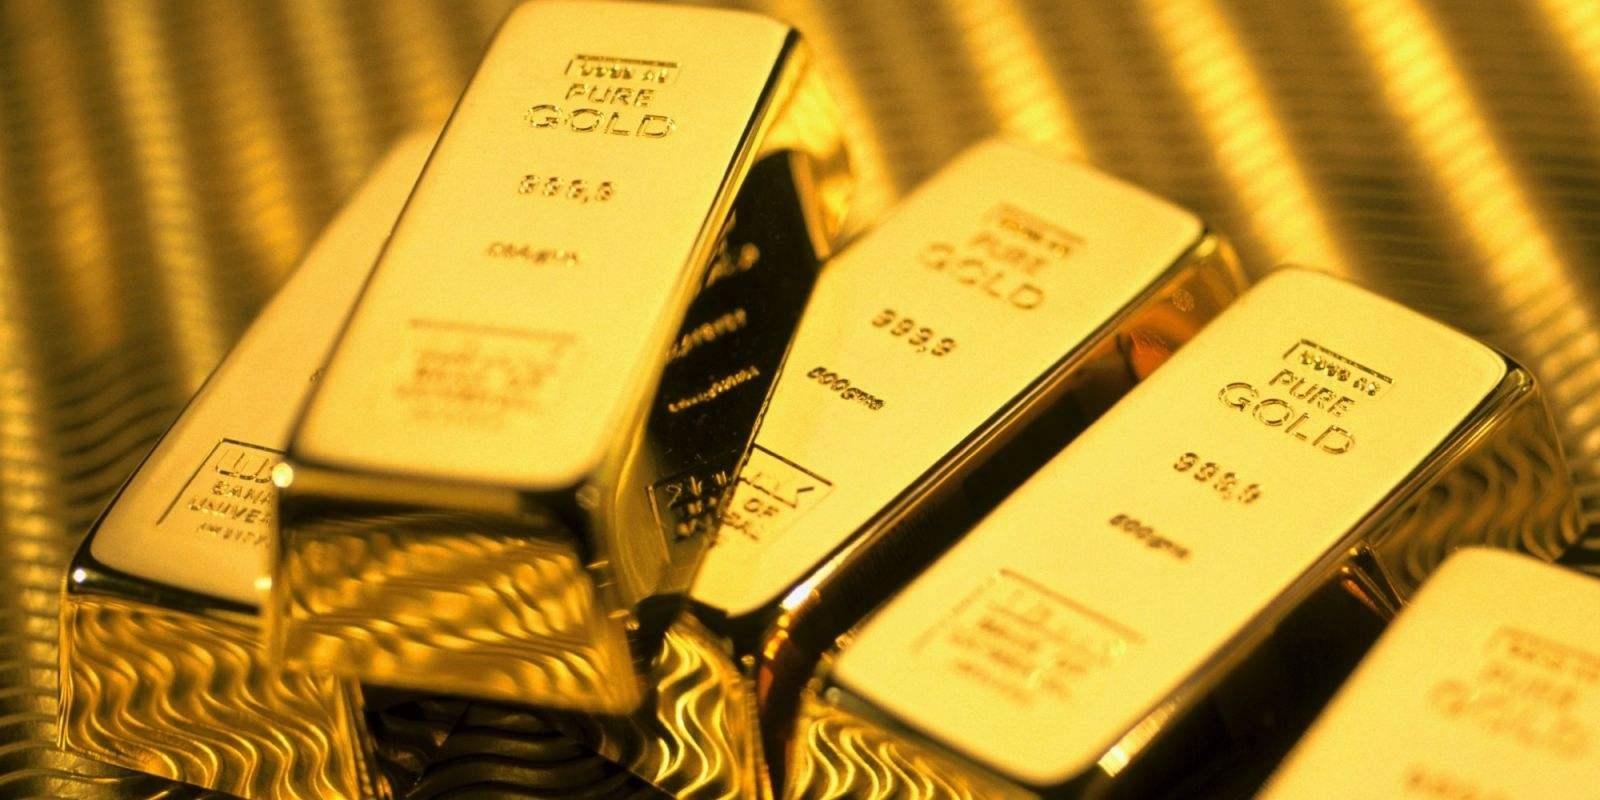 鲁政委:迎接黄金大牛市三种范式及当前之适用|黄金|超主权货币|大宗商品_新浪财经_新浪网